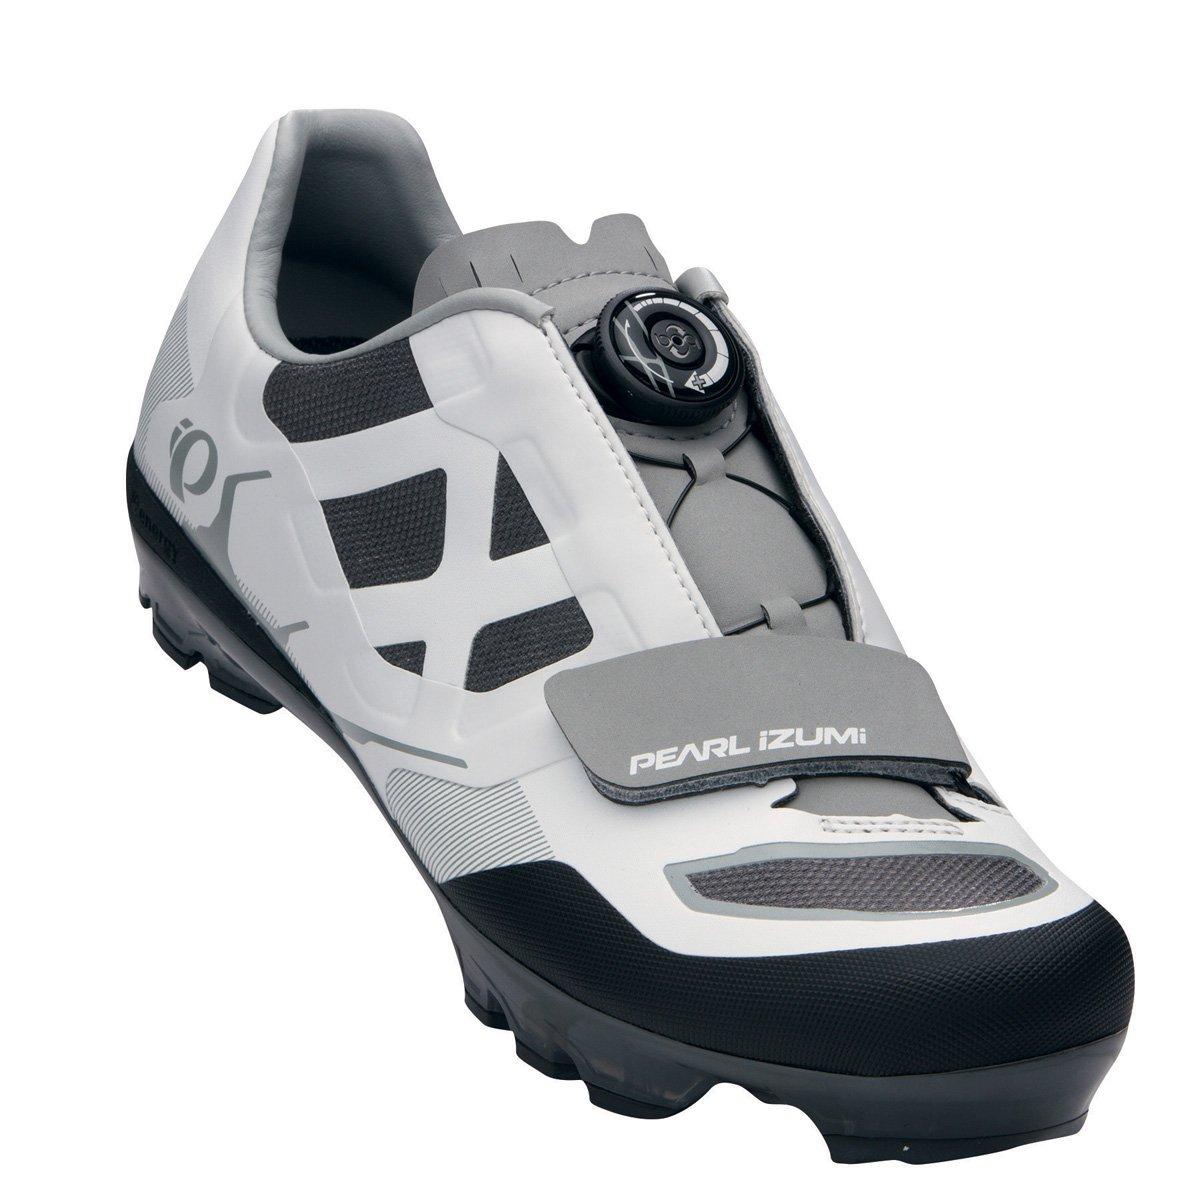 [パールイズミ] レディースW x-project 2.0 Cycling Shoe 38.5 M EU / 7.2 B(M) US ホワイト/ブラック B00M03RNBY